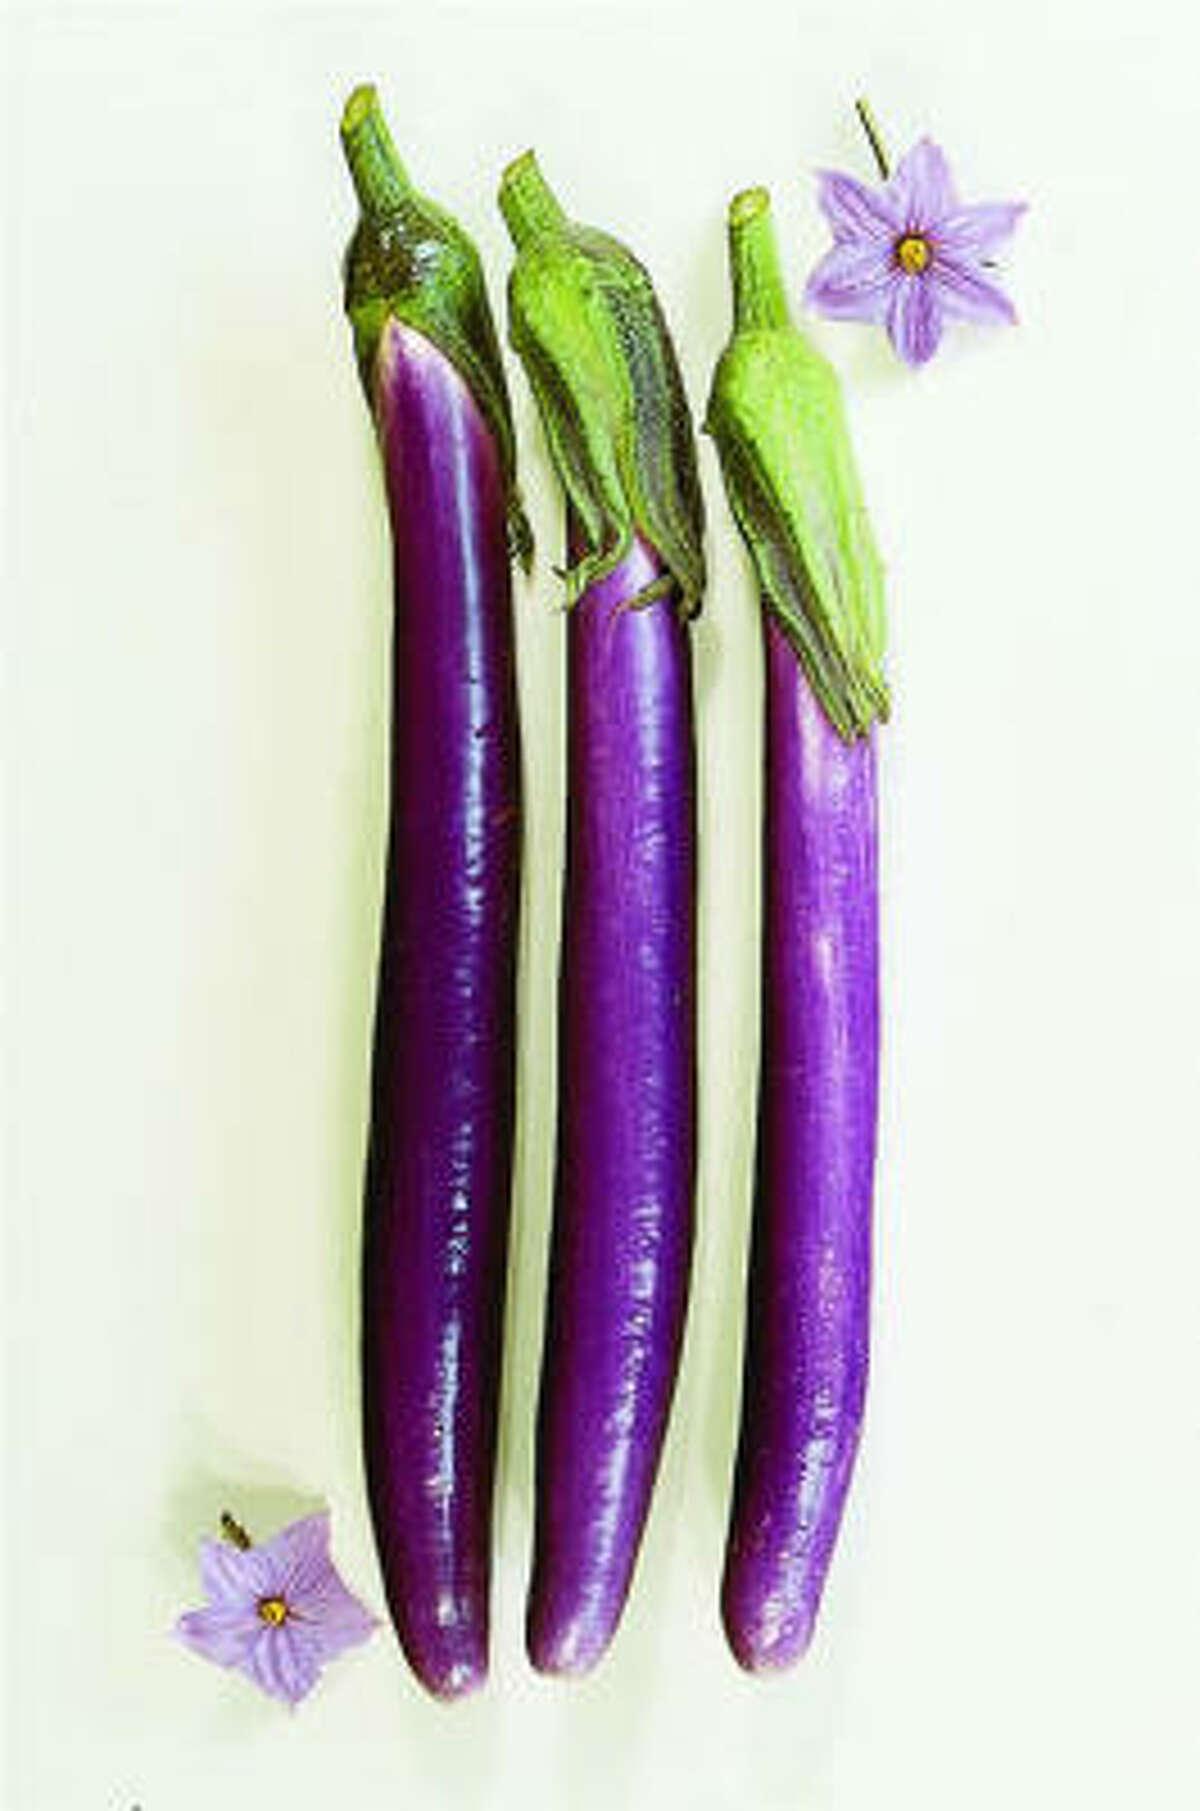 `Machiaw' eggplant